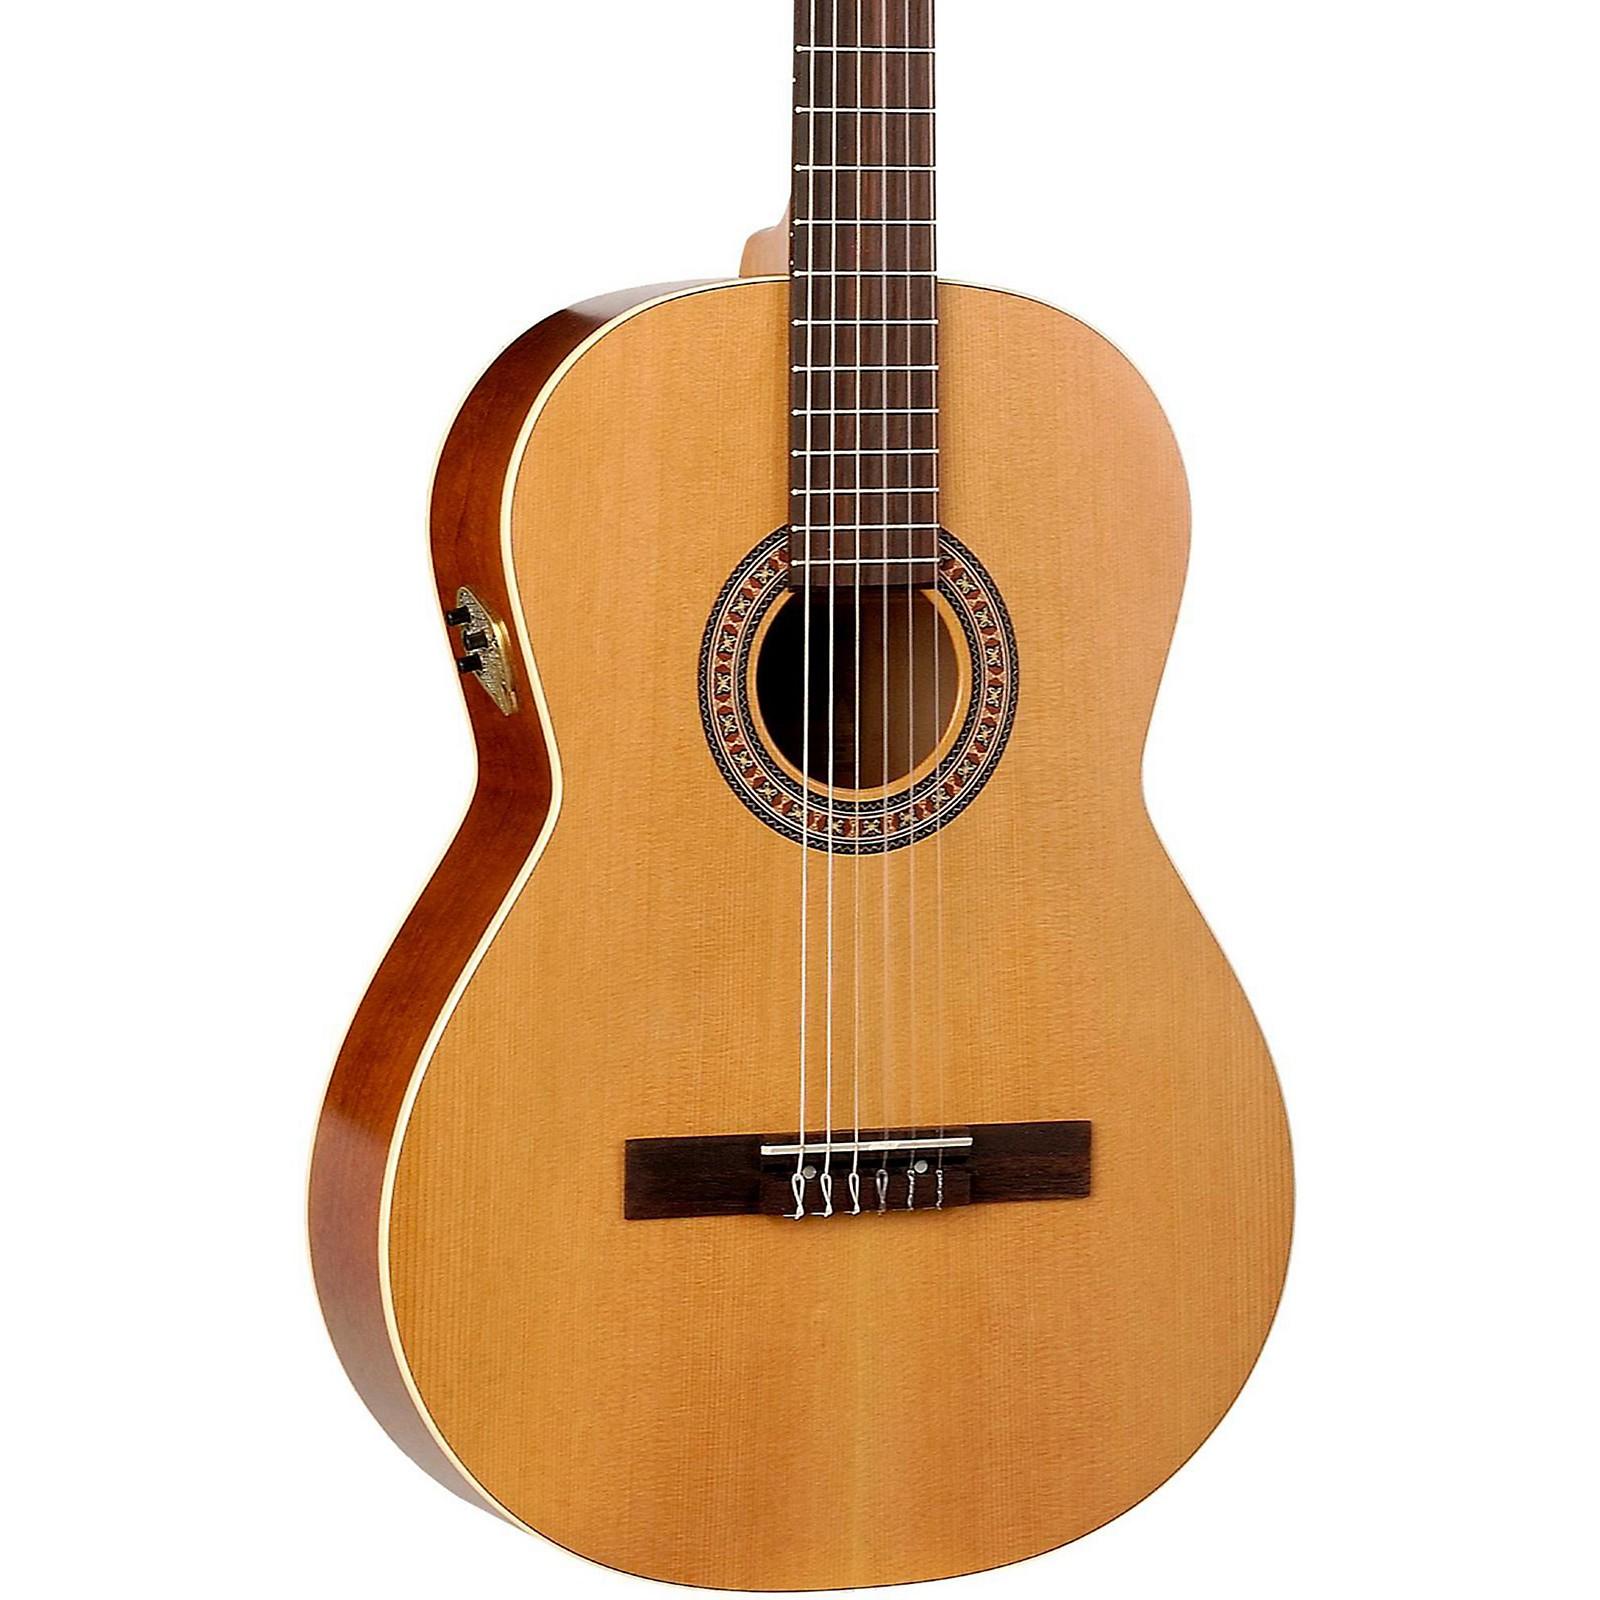 La Patrie Etude QI Acoustic-Electric Classical Guitar